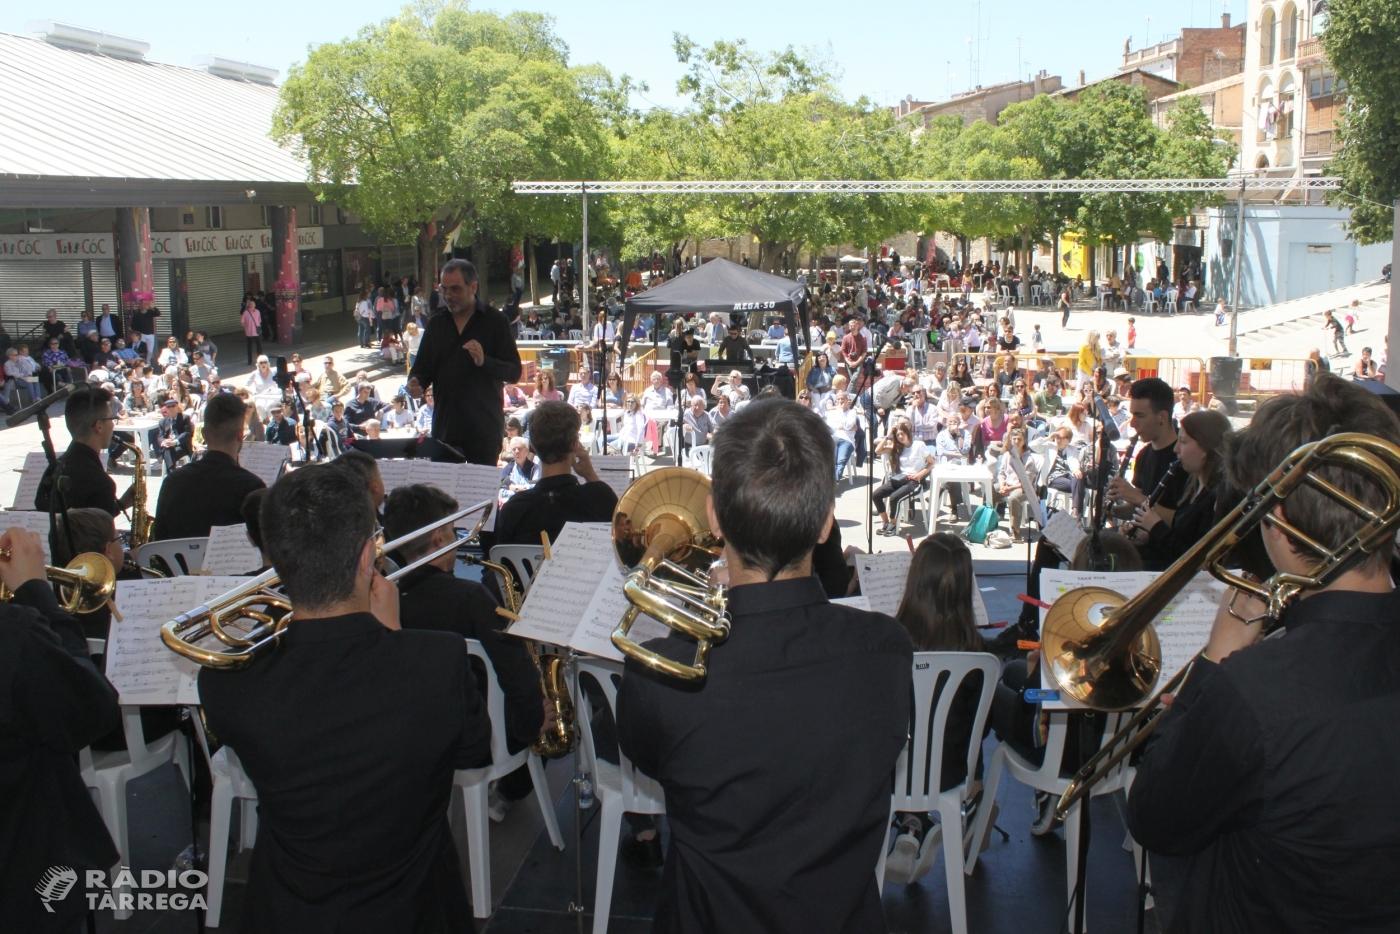 Balanç molt positiu de la Festa Major de Tàrrega, que certifica el seu caràcter obert, plural i referent